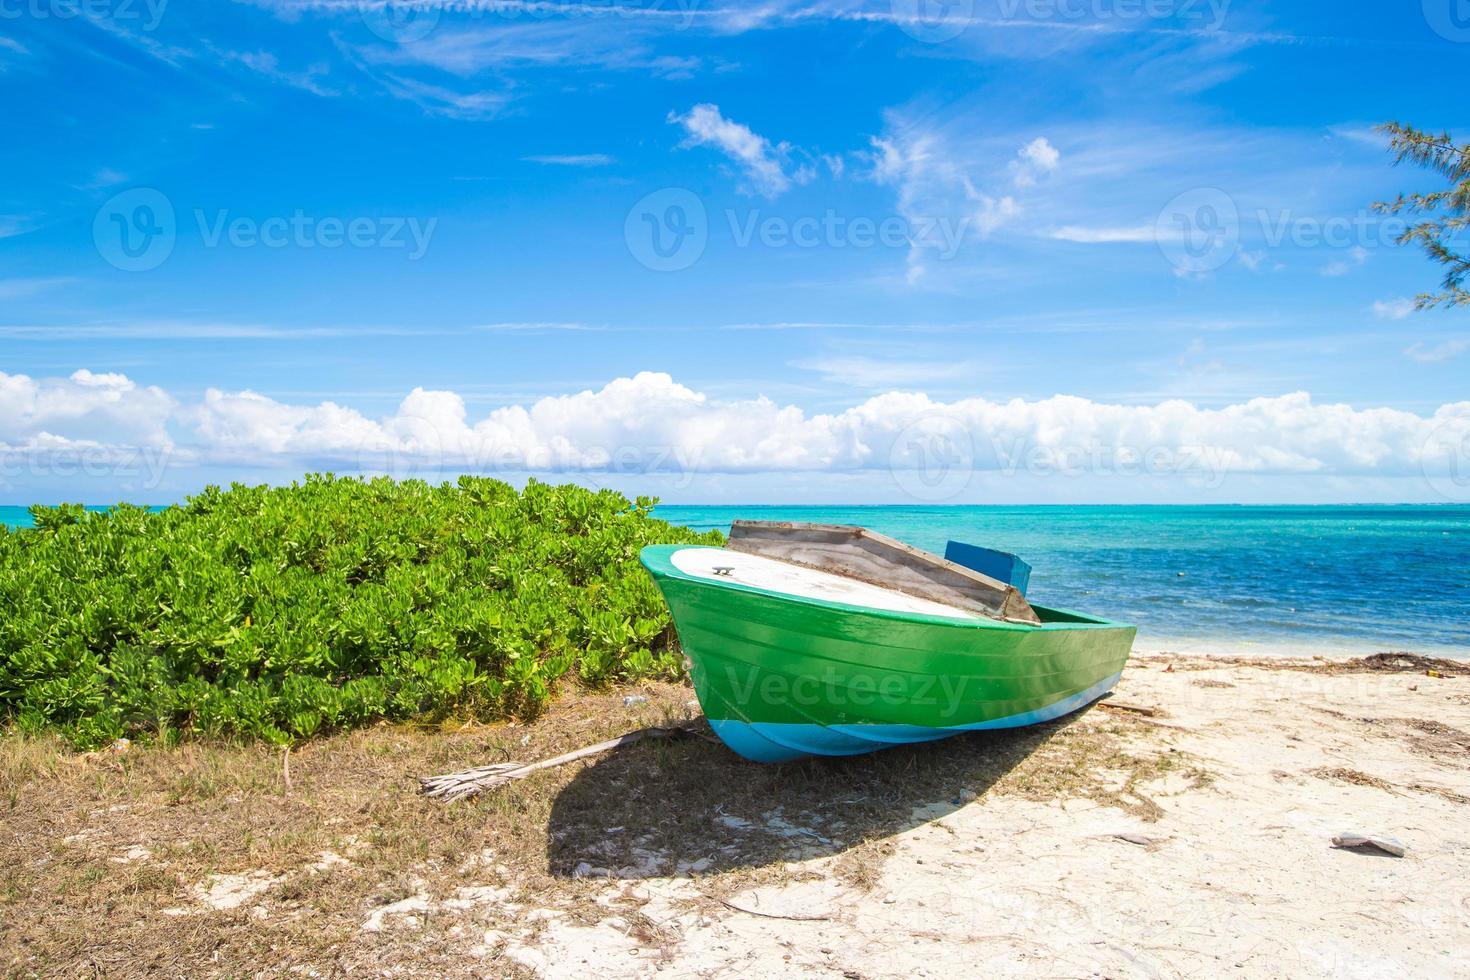 viejo barco de pesca en una playa tropical en el caribe foto